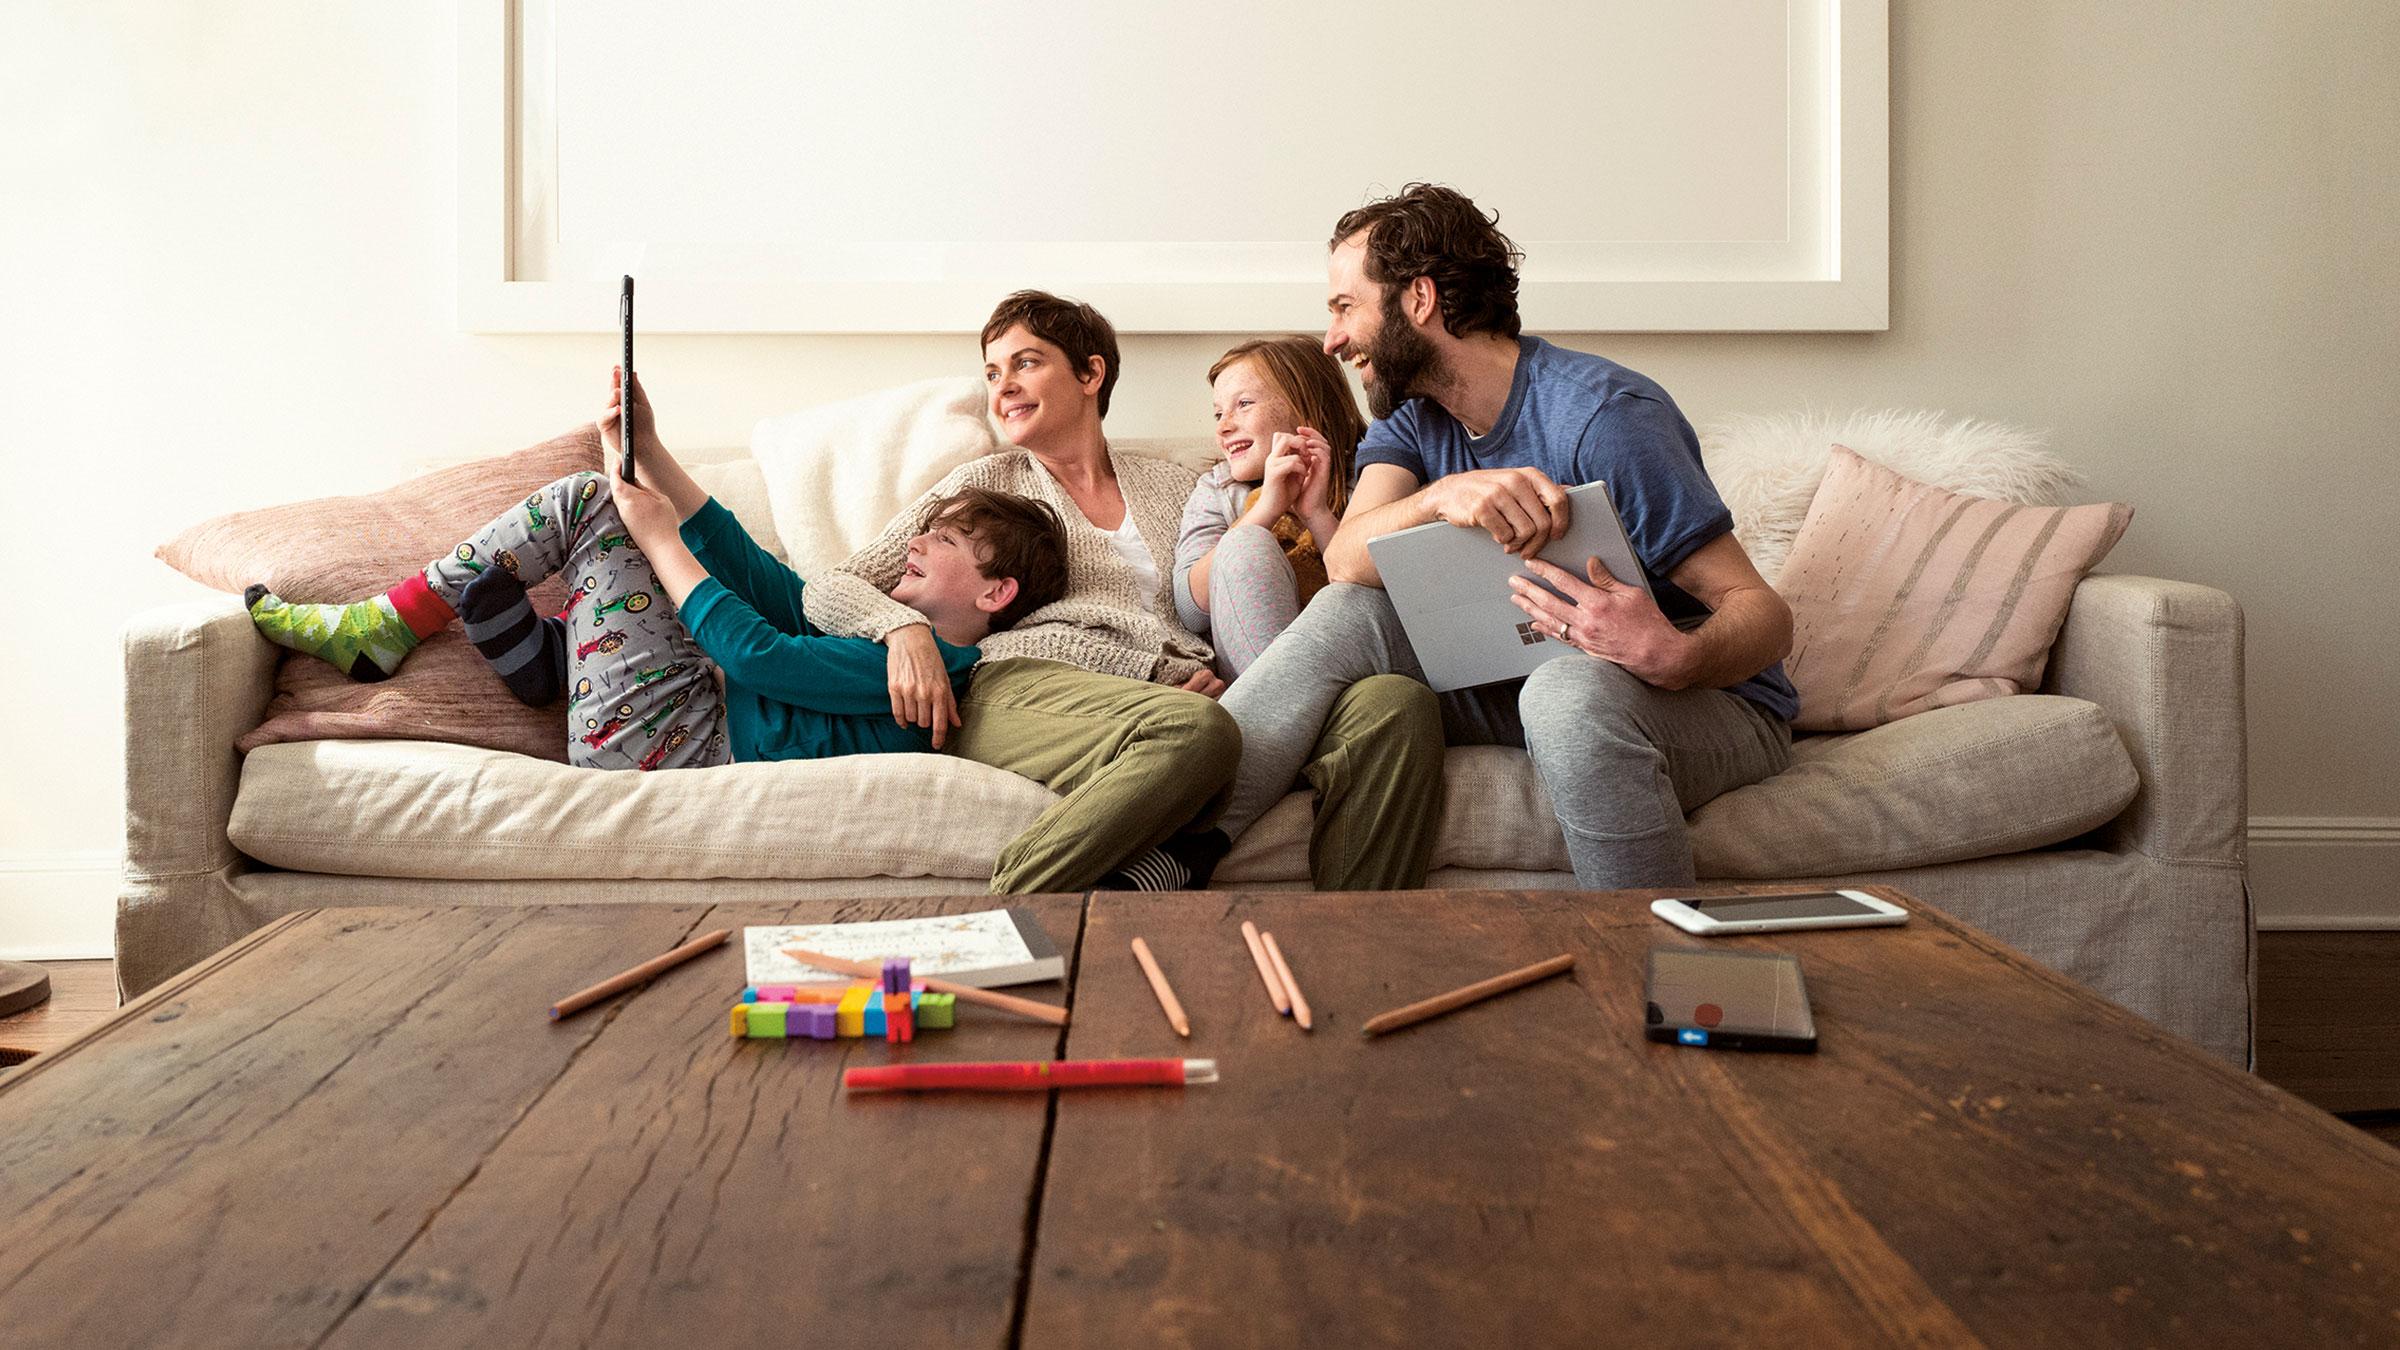 En familj i en soffa som tittar på en Microsoft Surface Pro-enhet